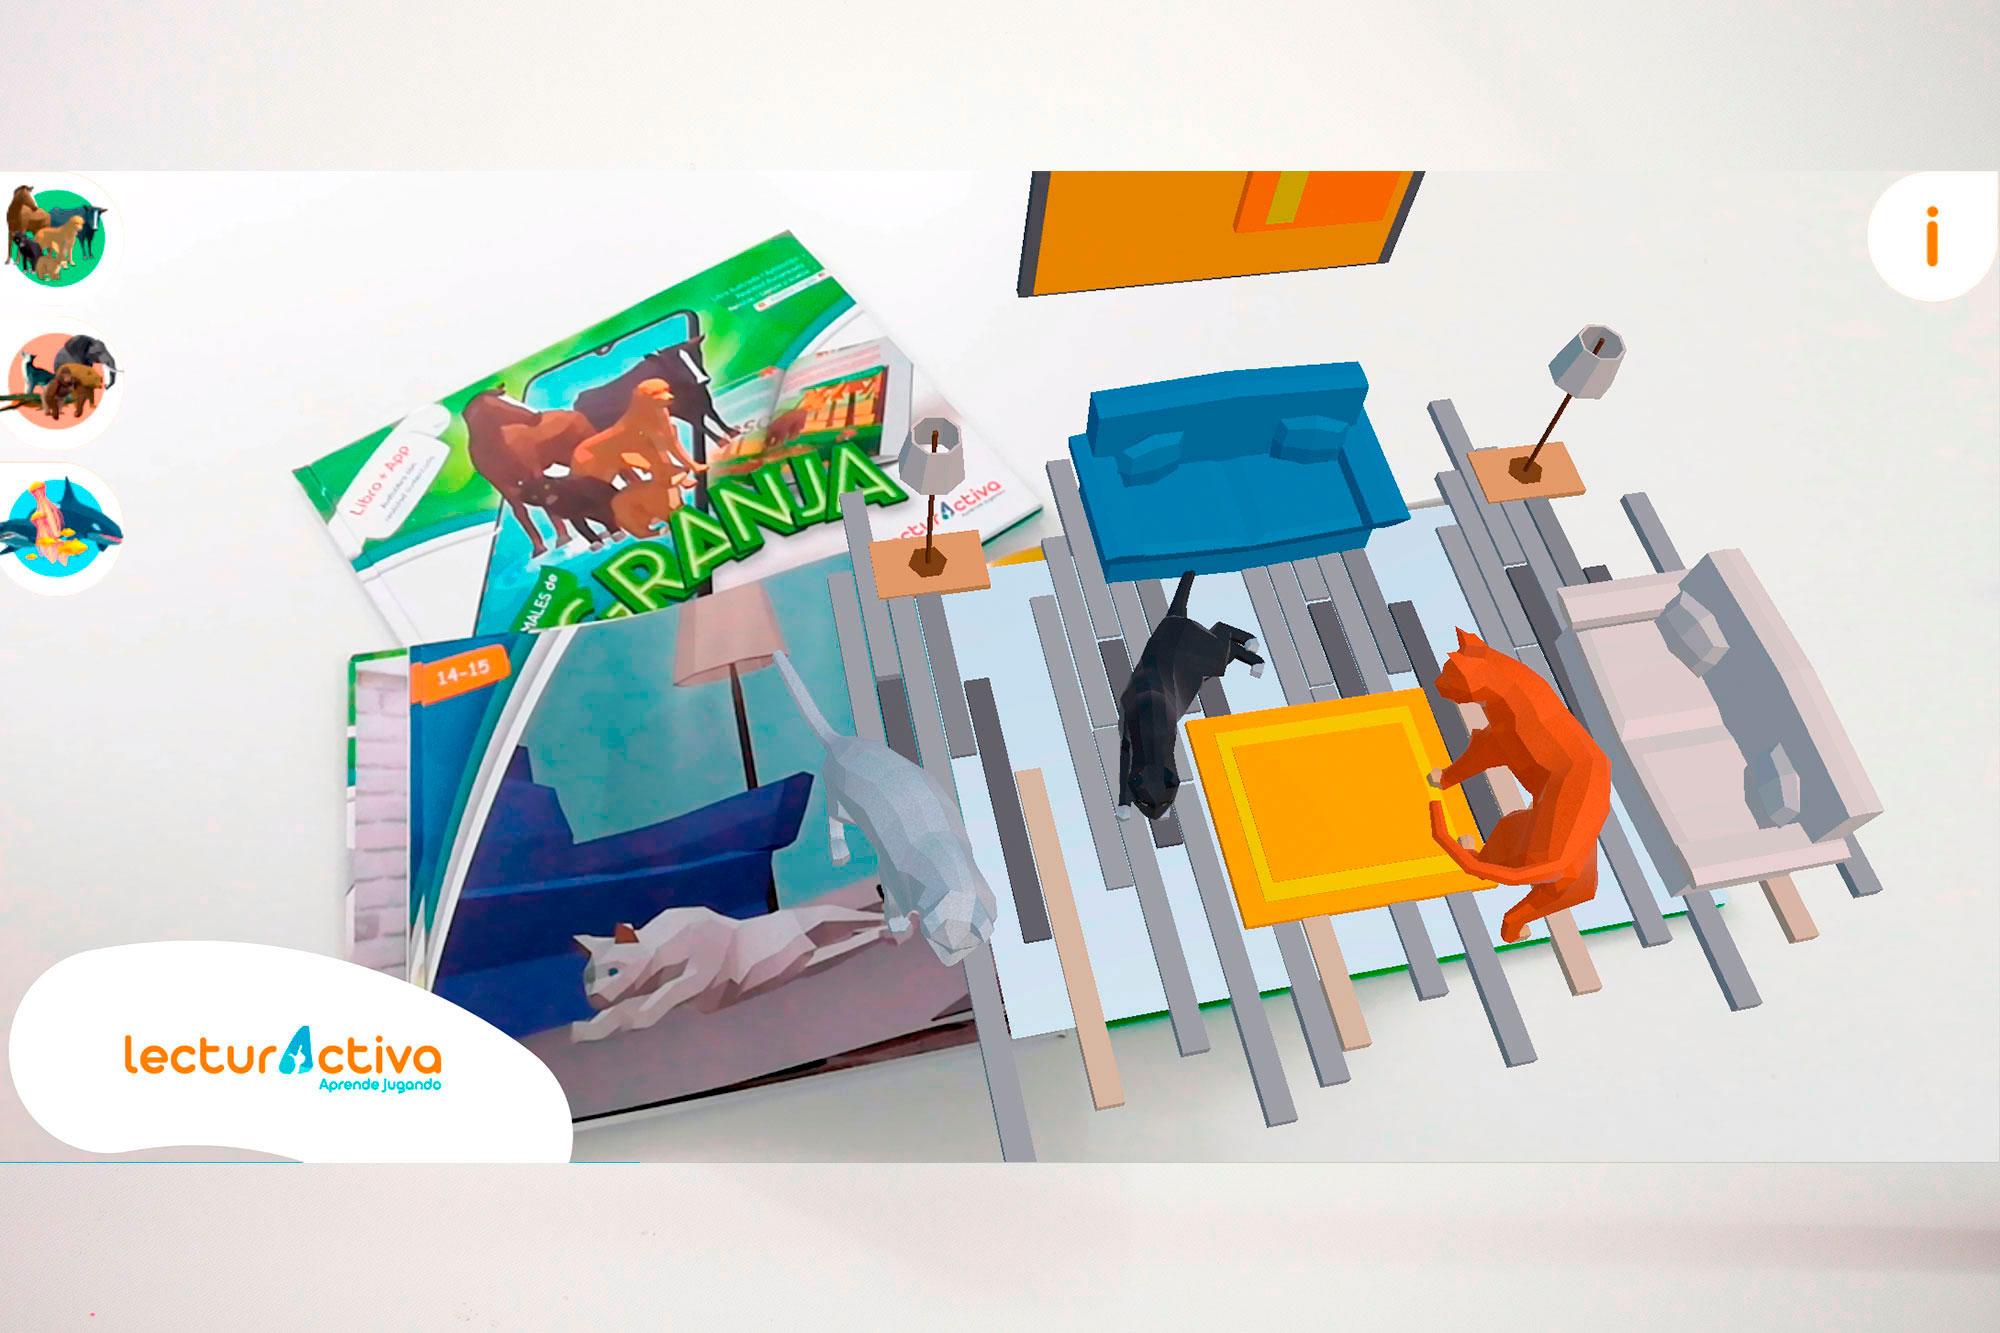 libros-interactivos-bilingues-para-niños-y-jovenes-16